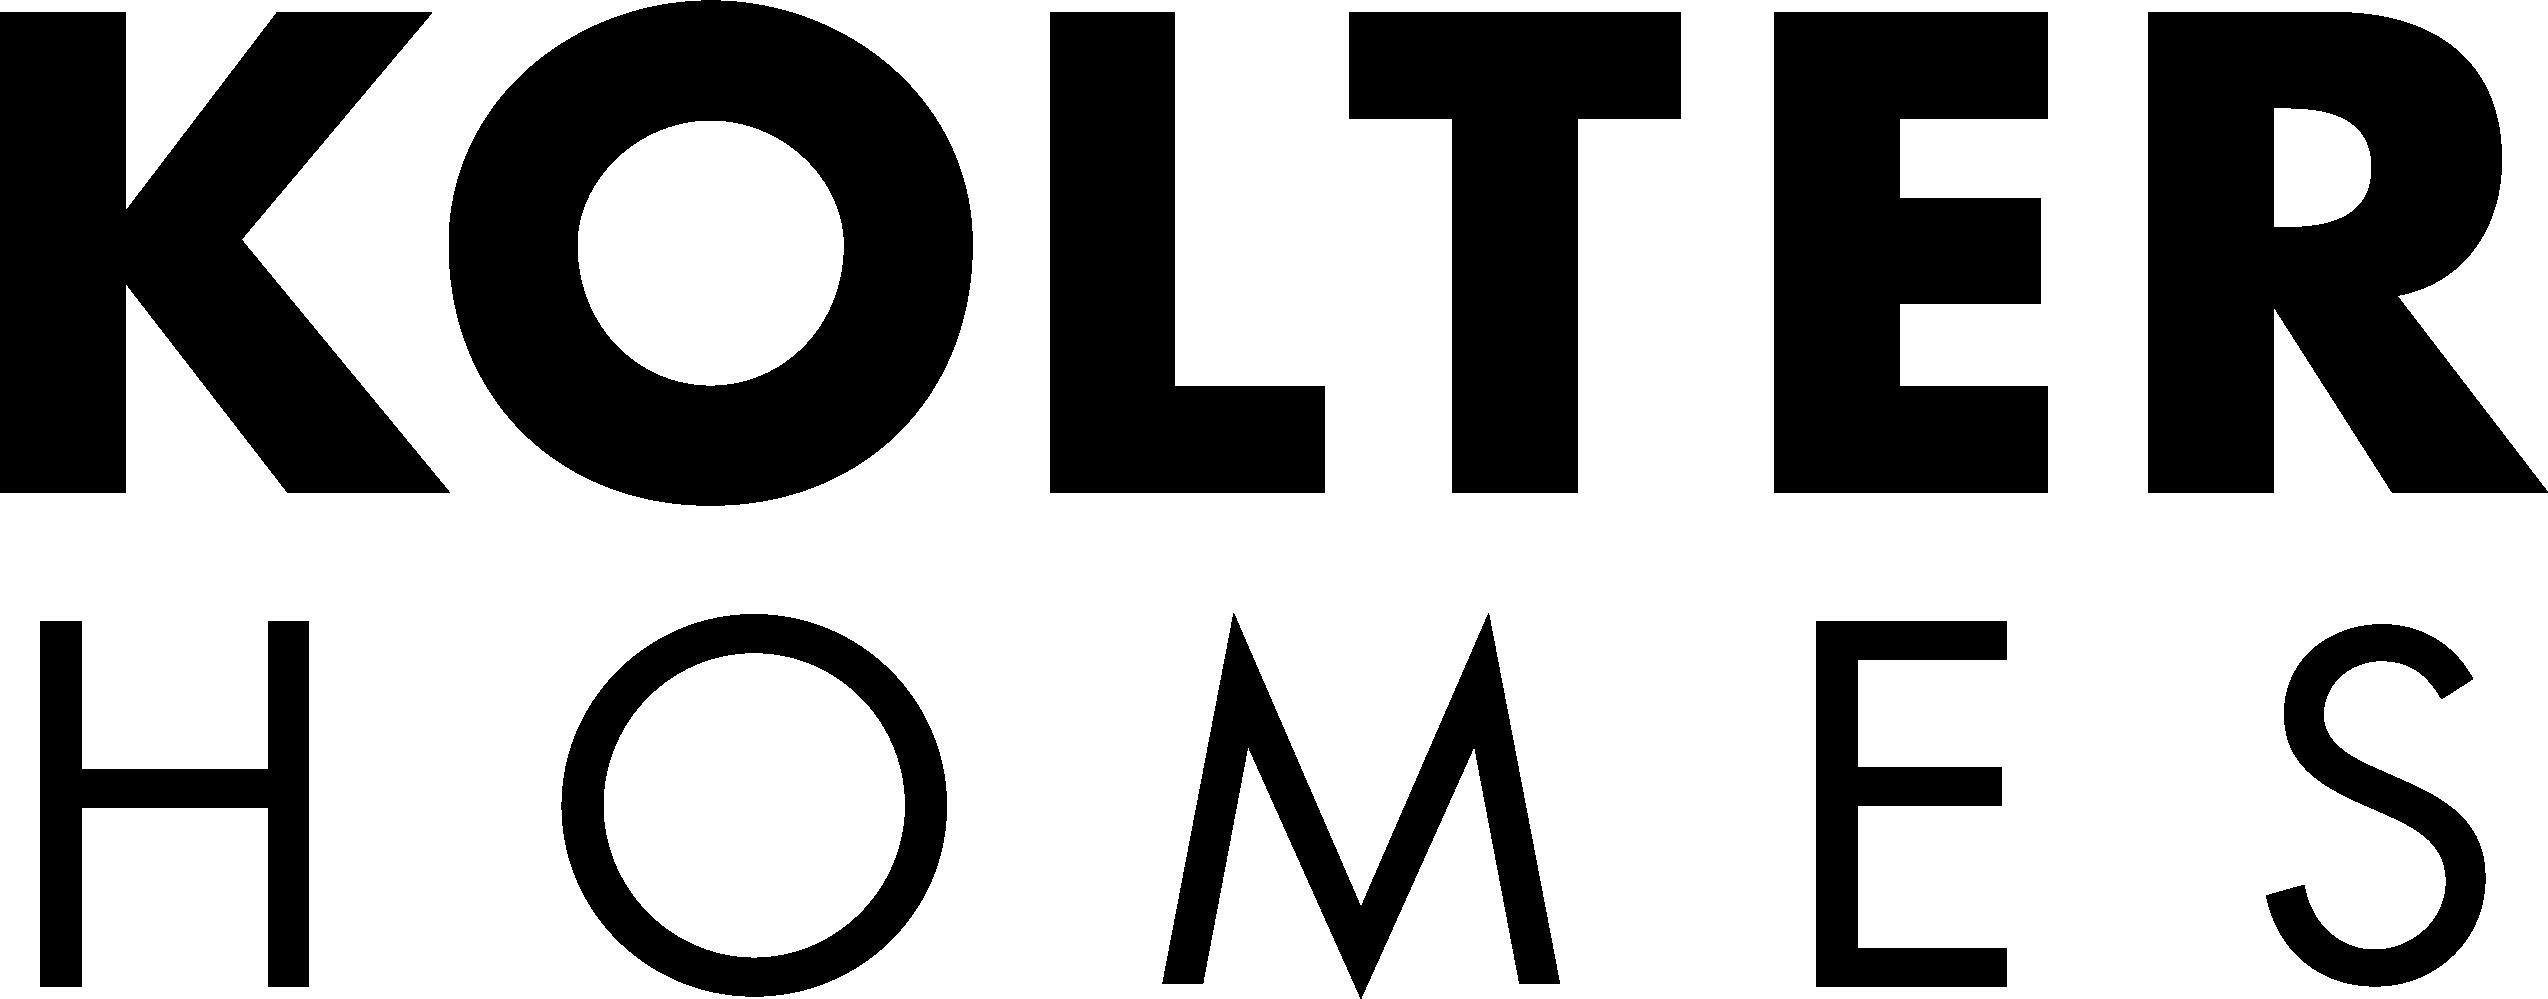 KOLTER logo png